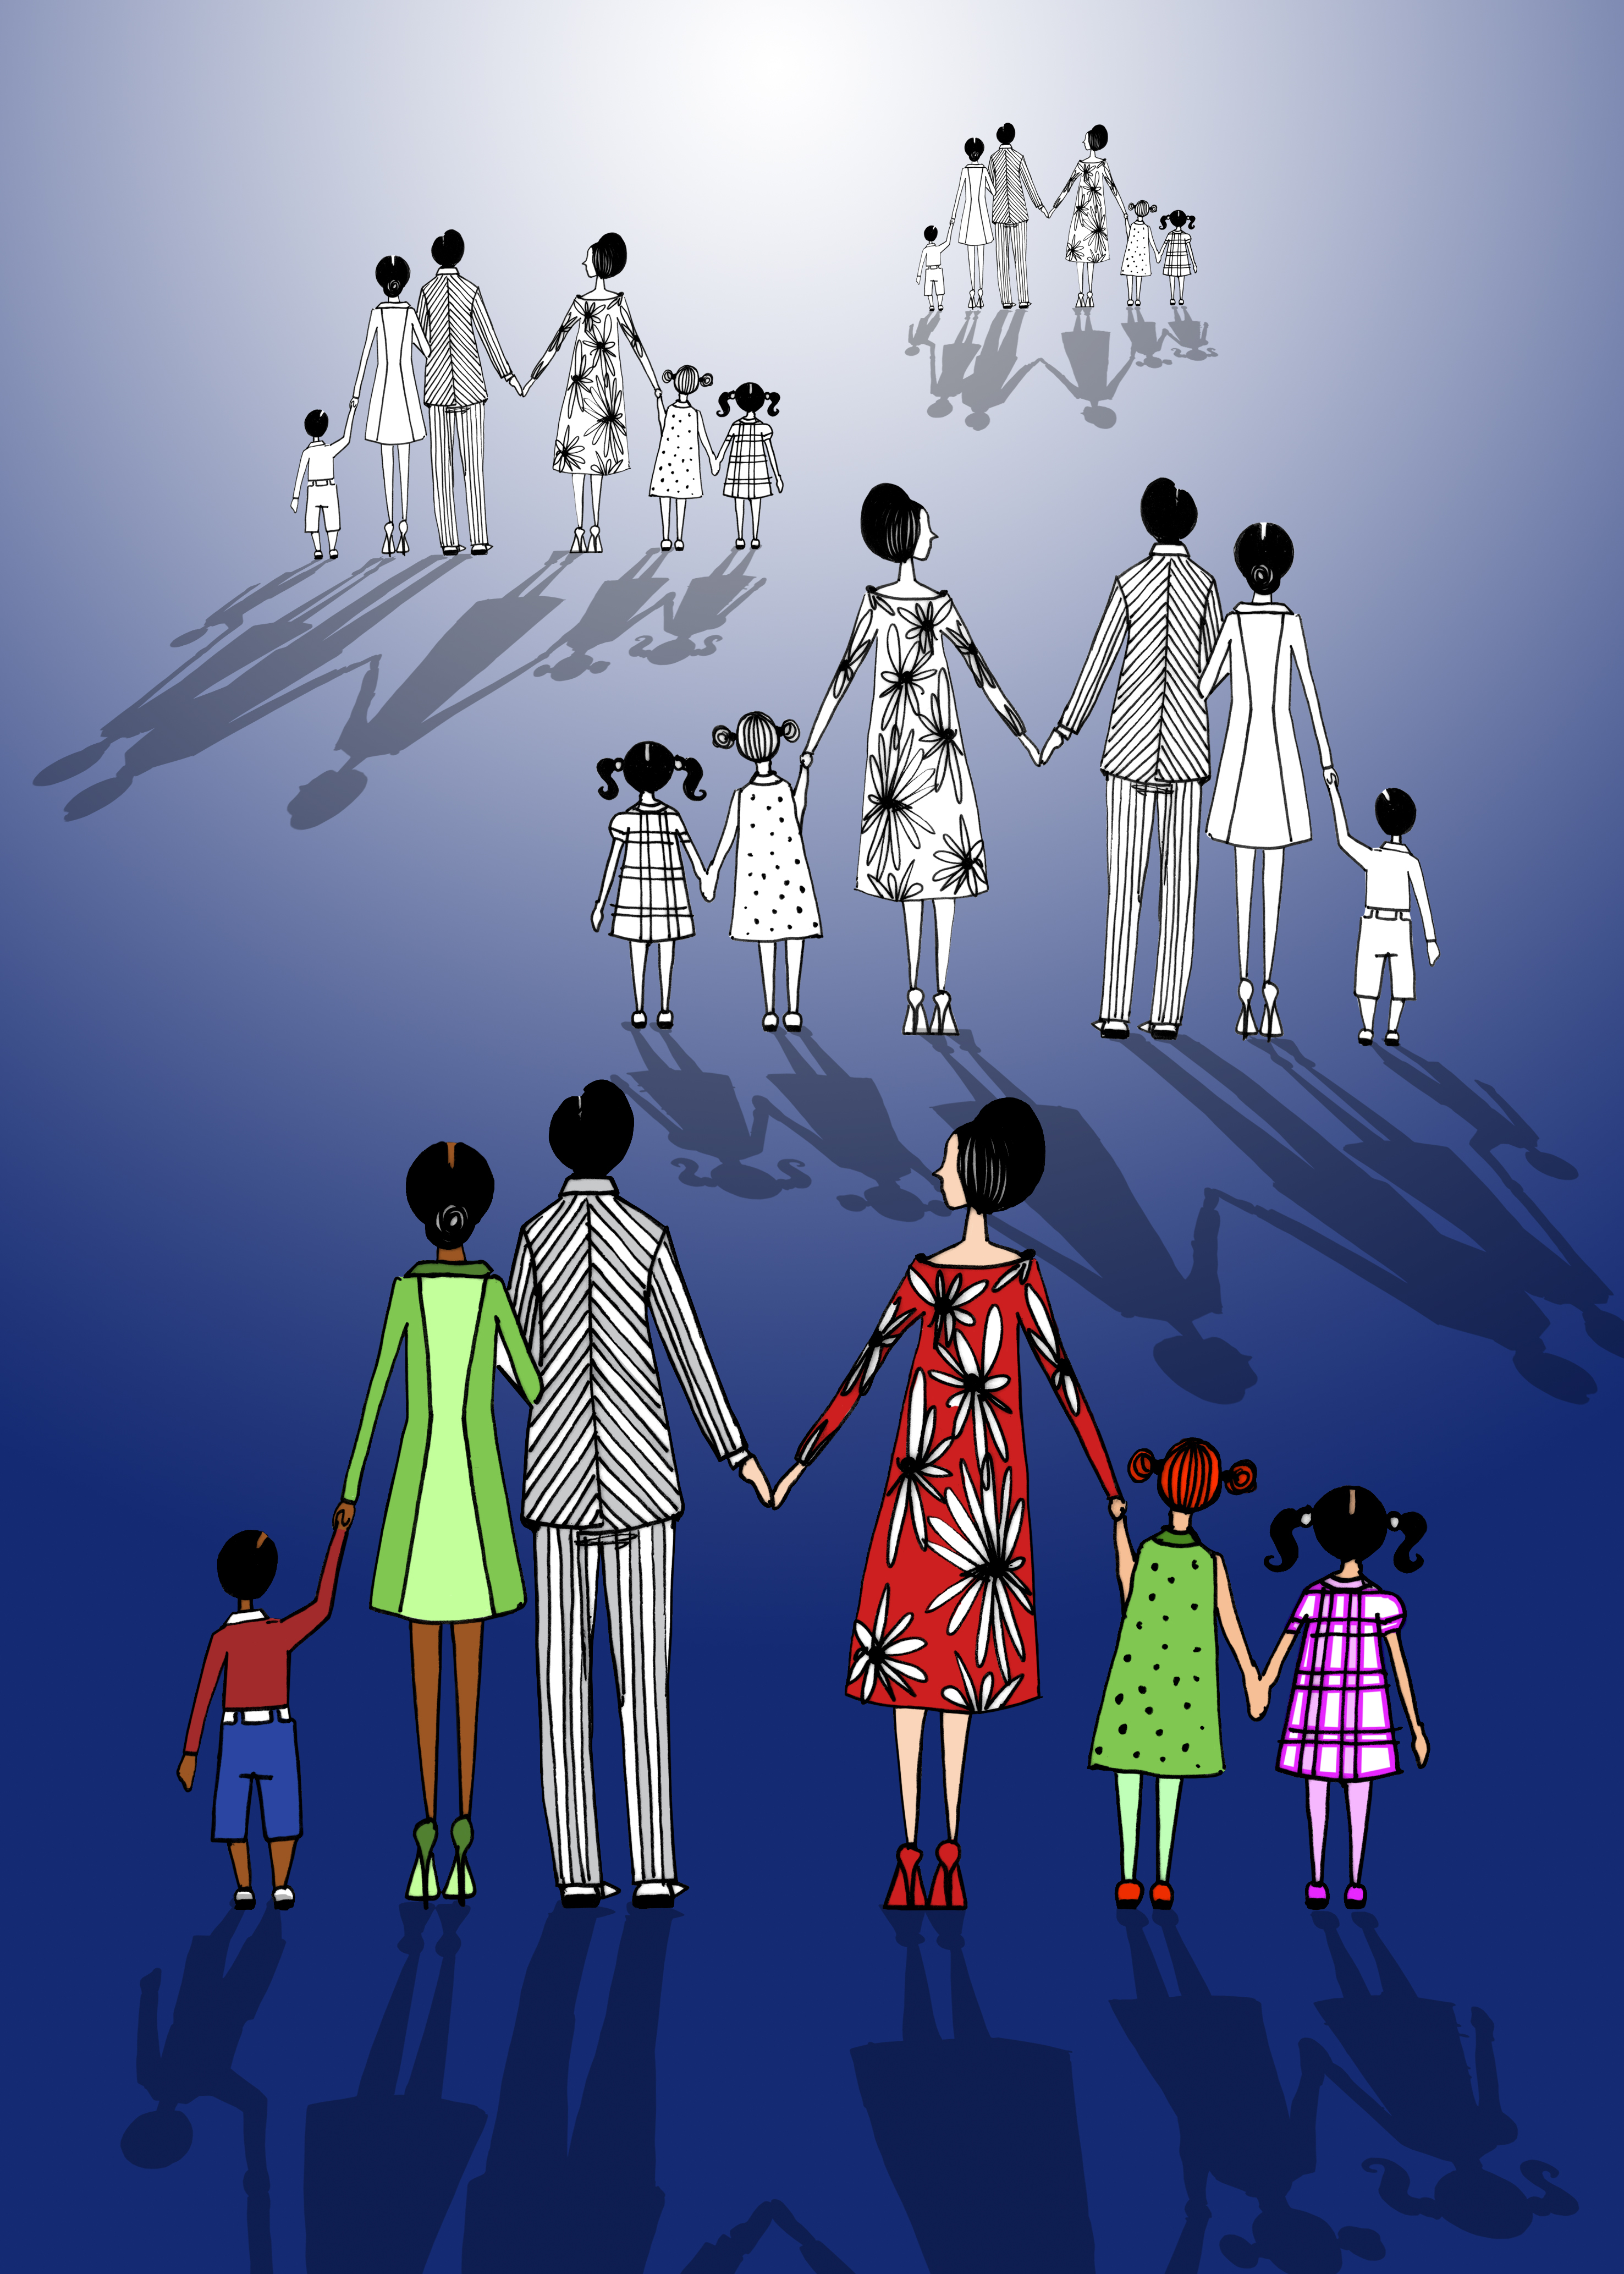 Familia Simultanea - Ronaldo Fraga